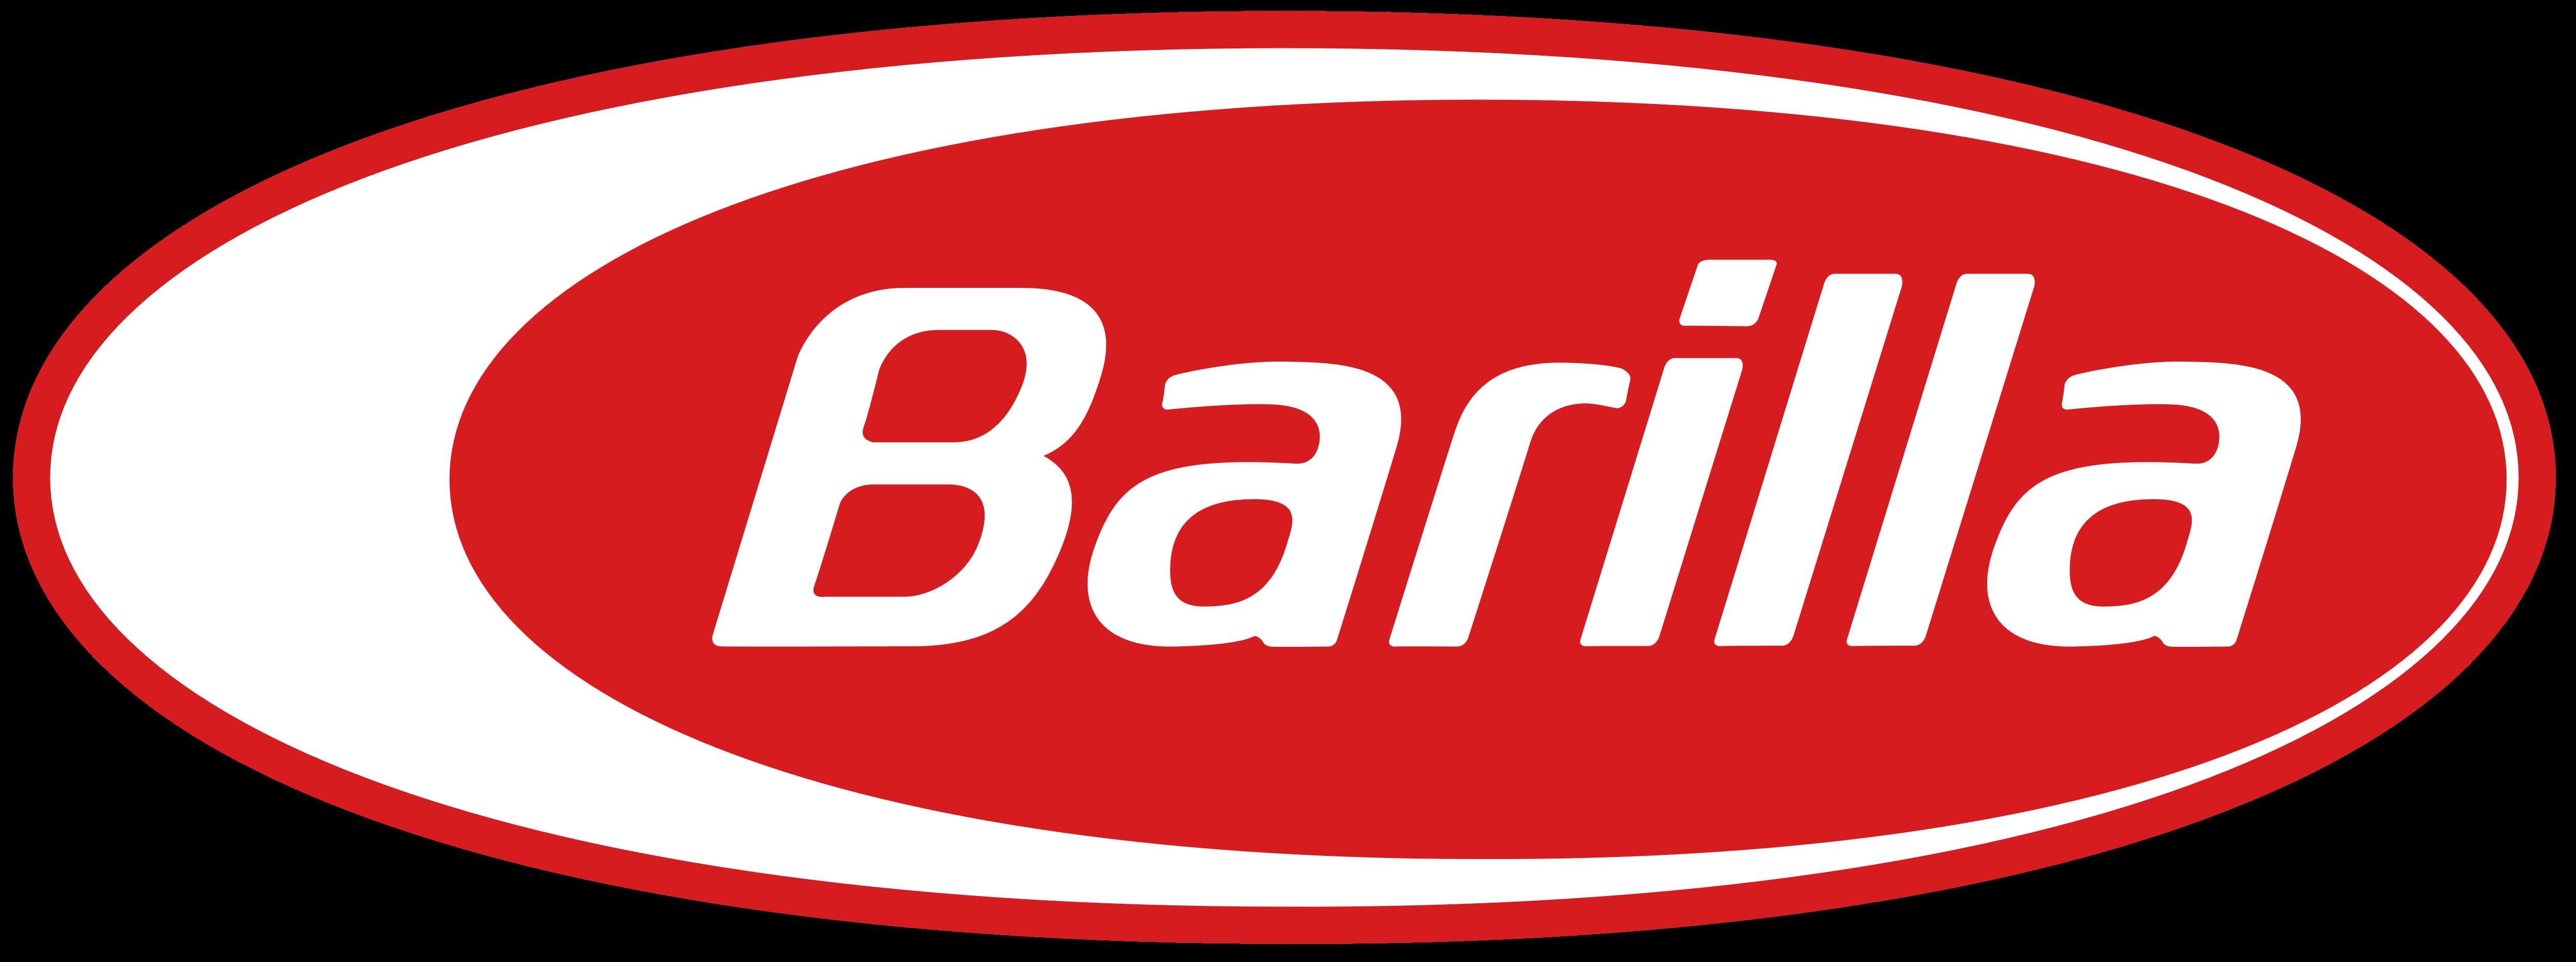 Barilla's company logo